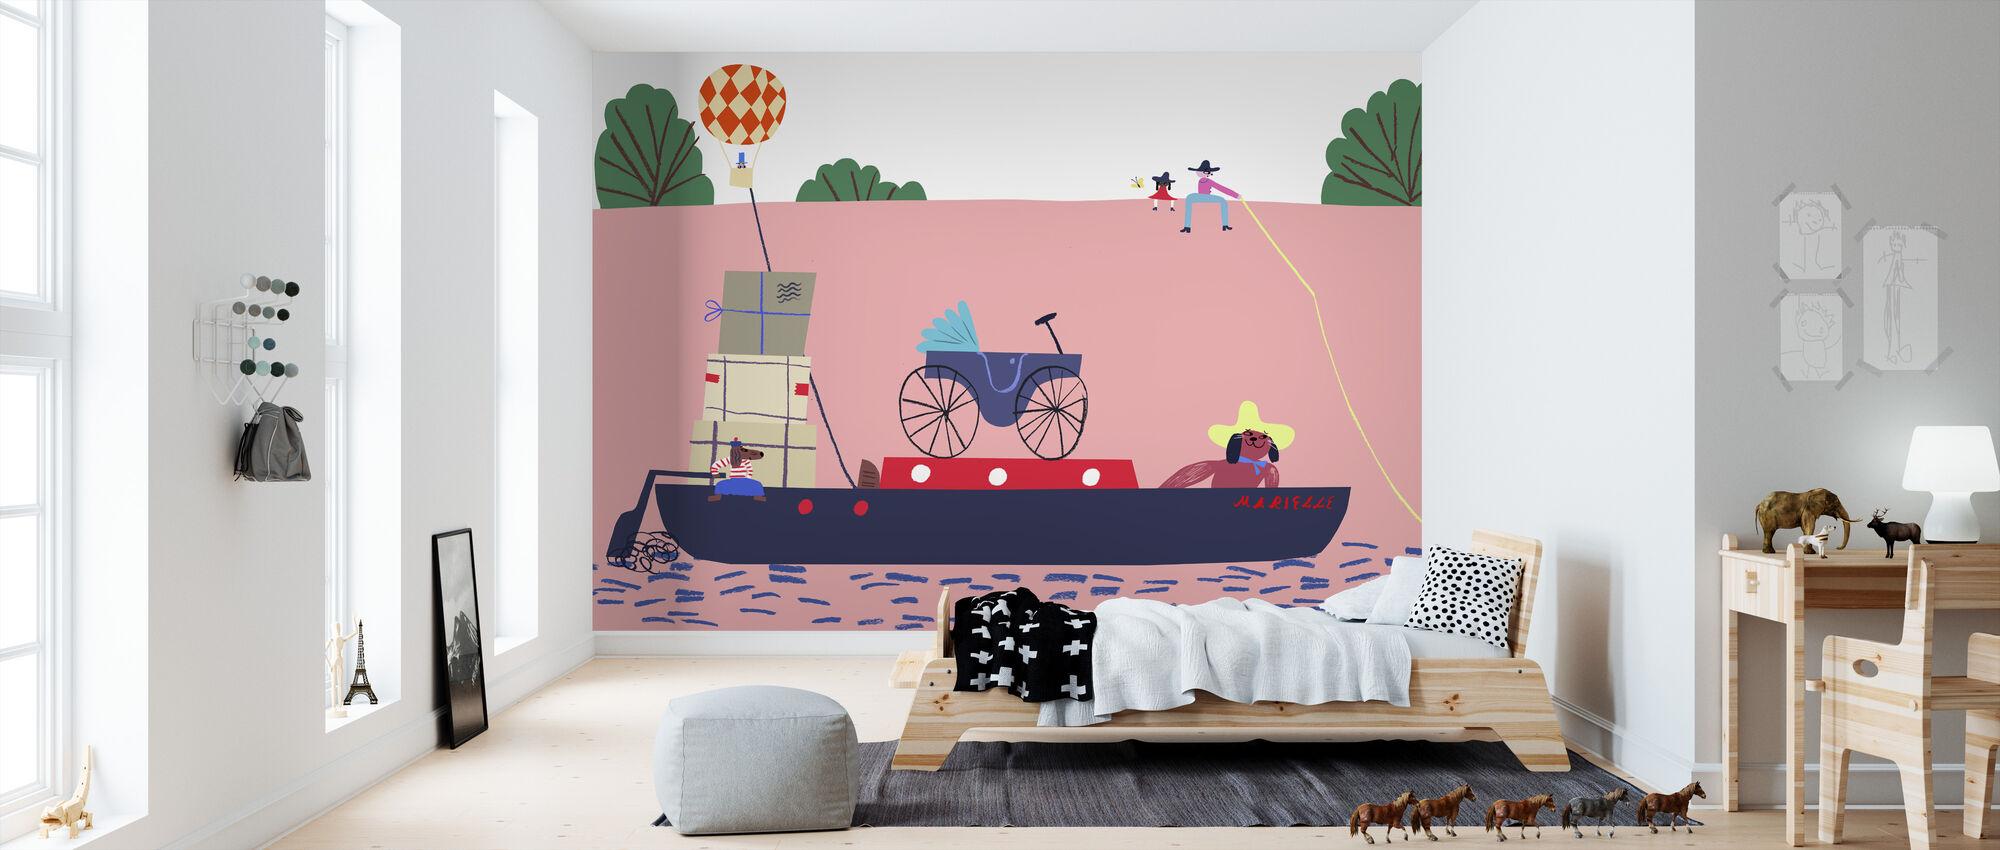 Vene ja ilmapallo - Tapetti - Lastenhuone